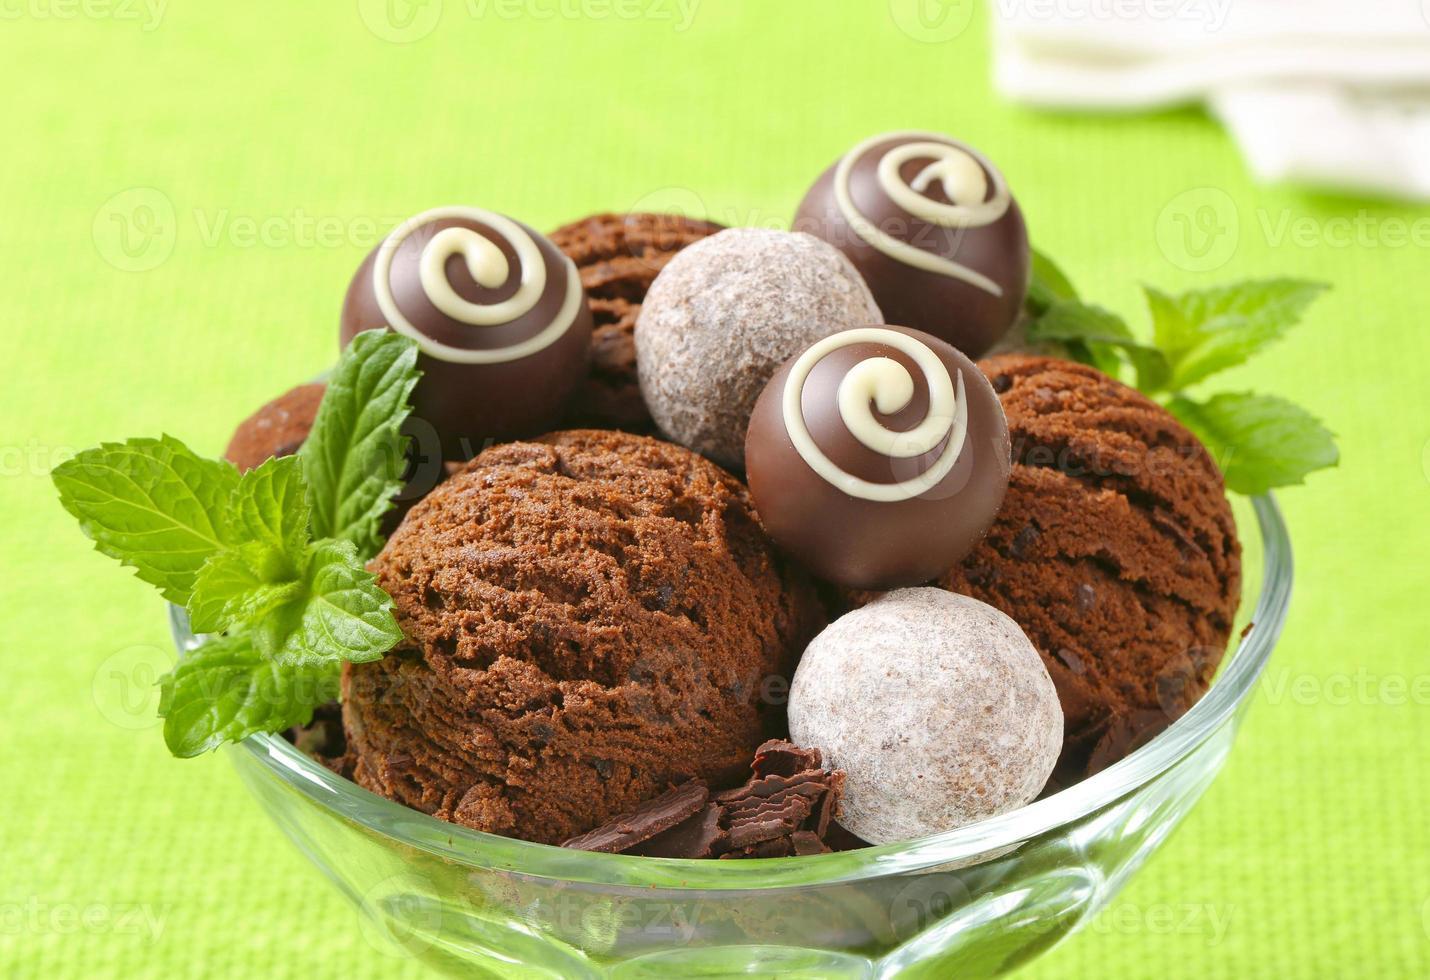 chocolade-ijs en truffels foto